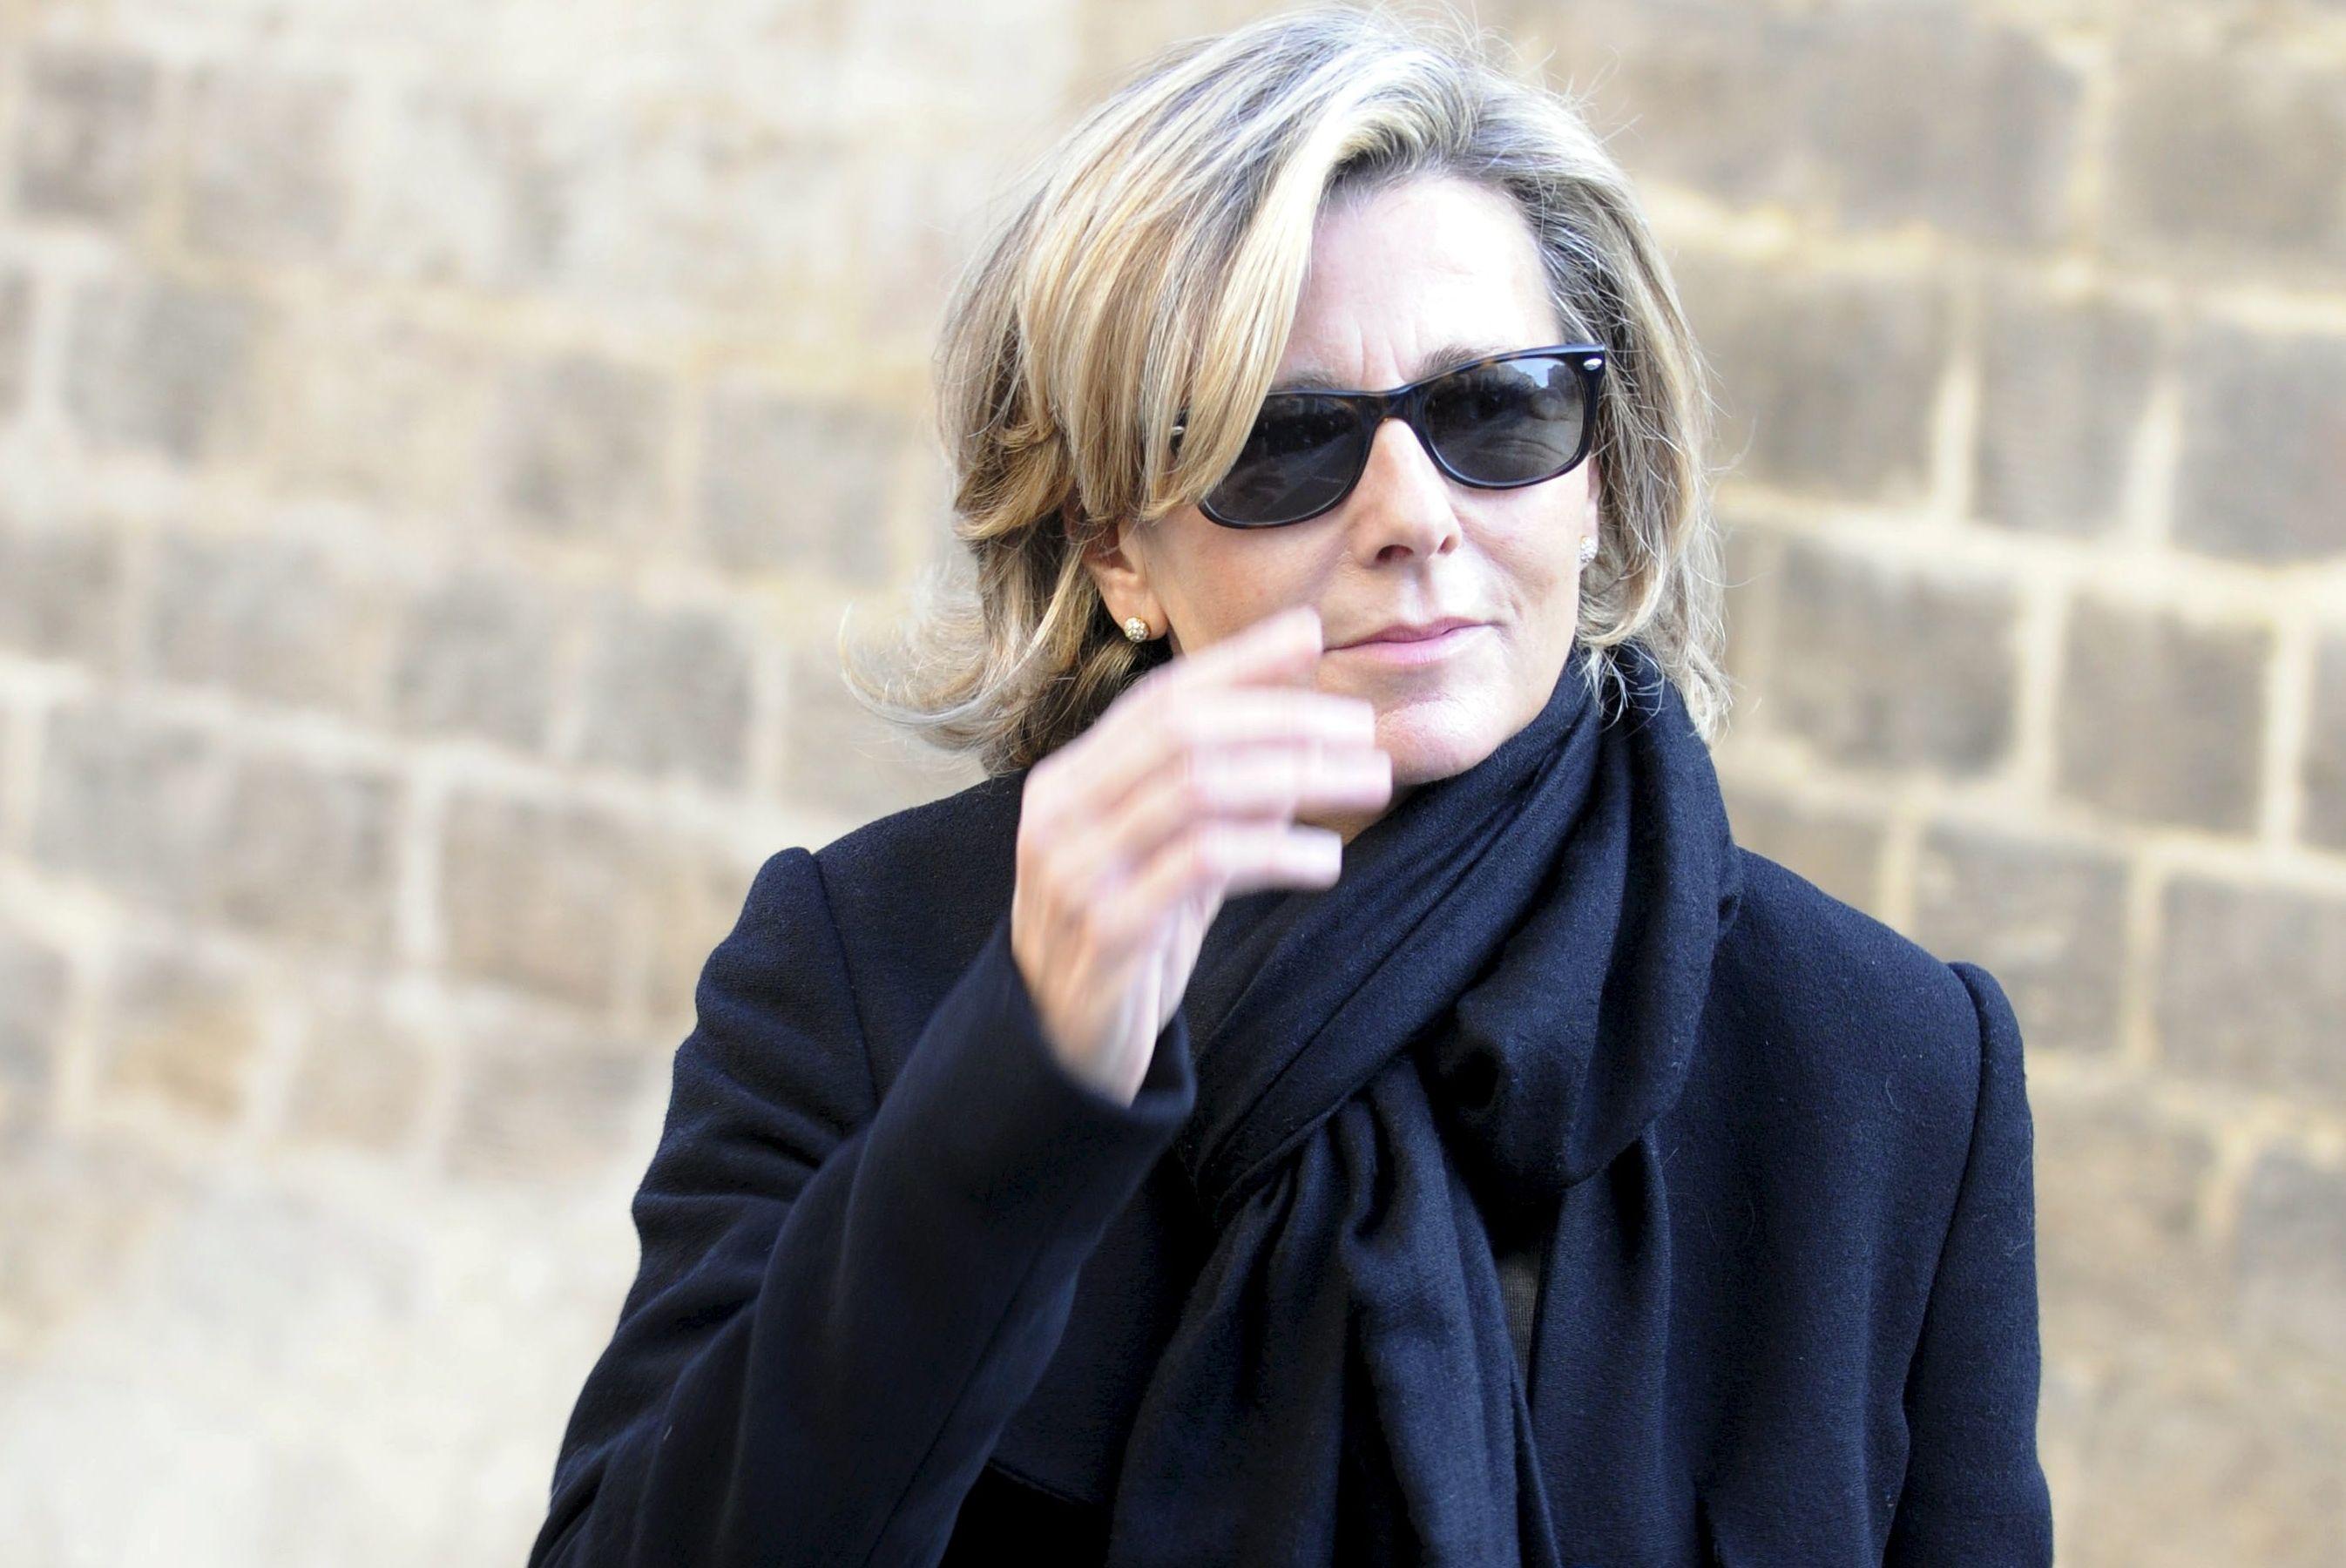 Un an après son éviction de TF1, et à l'aube de ses 60 ans, Claire Chazal, l'ex-reine du 20h a tout perdu…